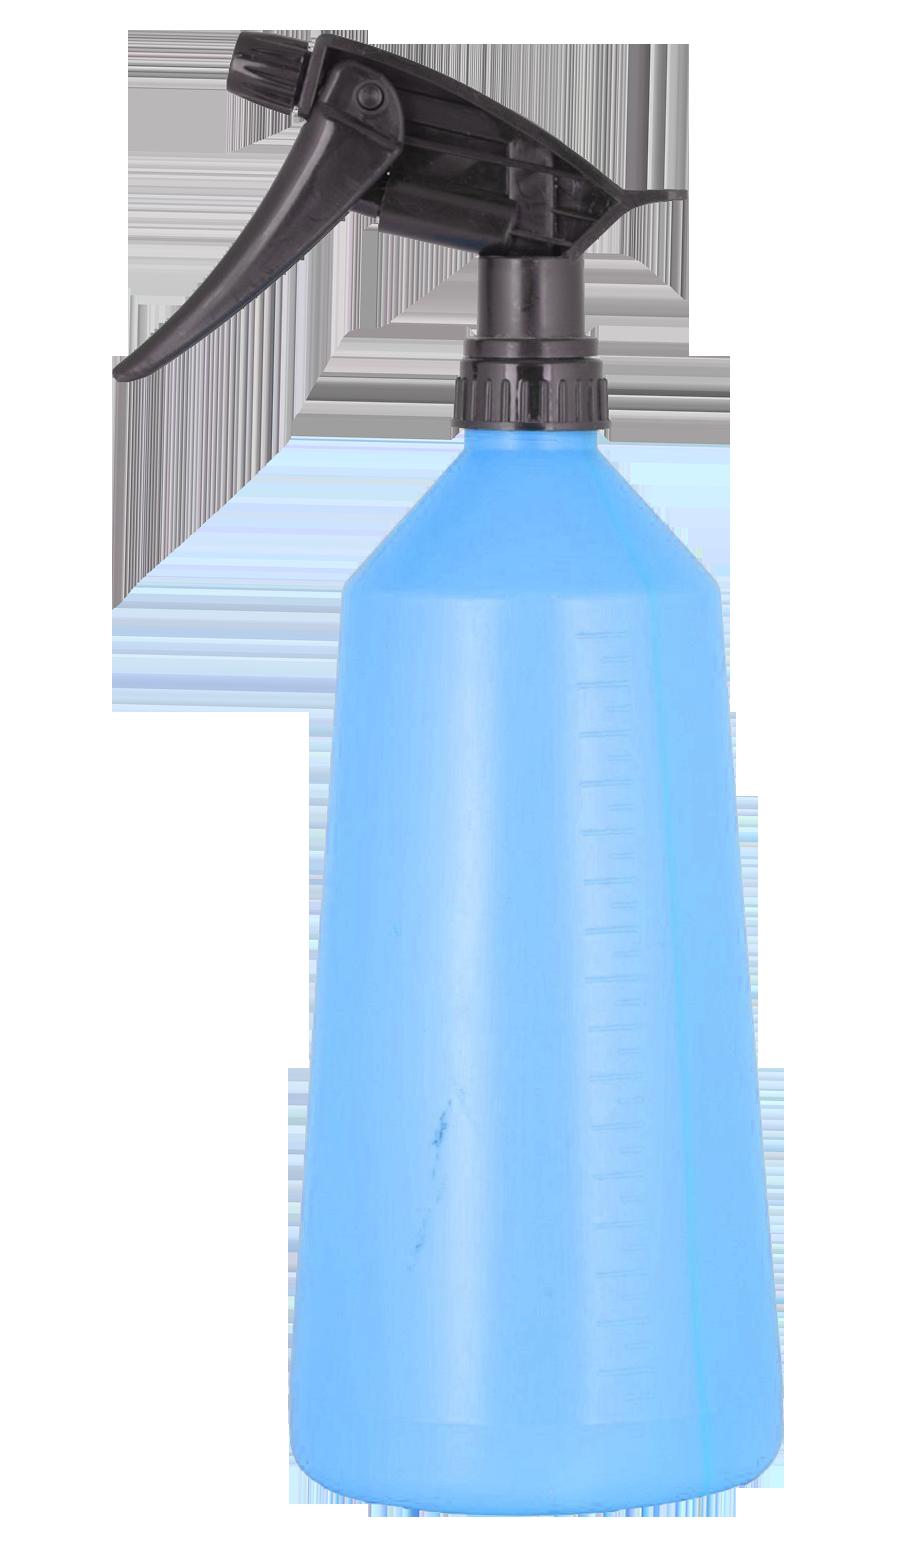 Bottle png. Images pngpix spray transparent